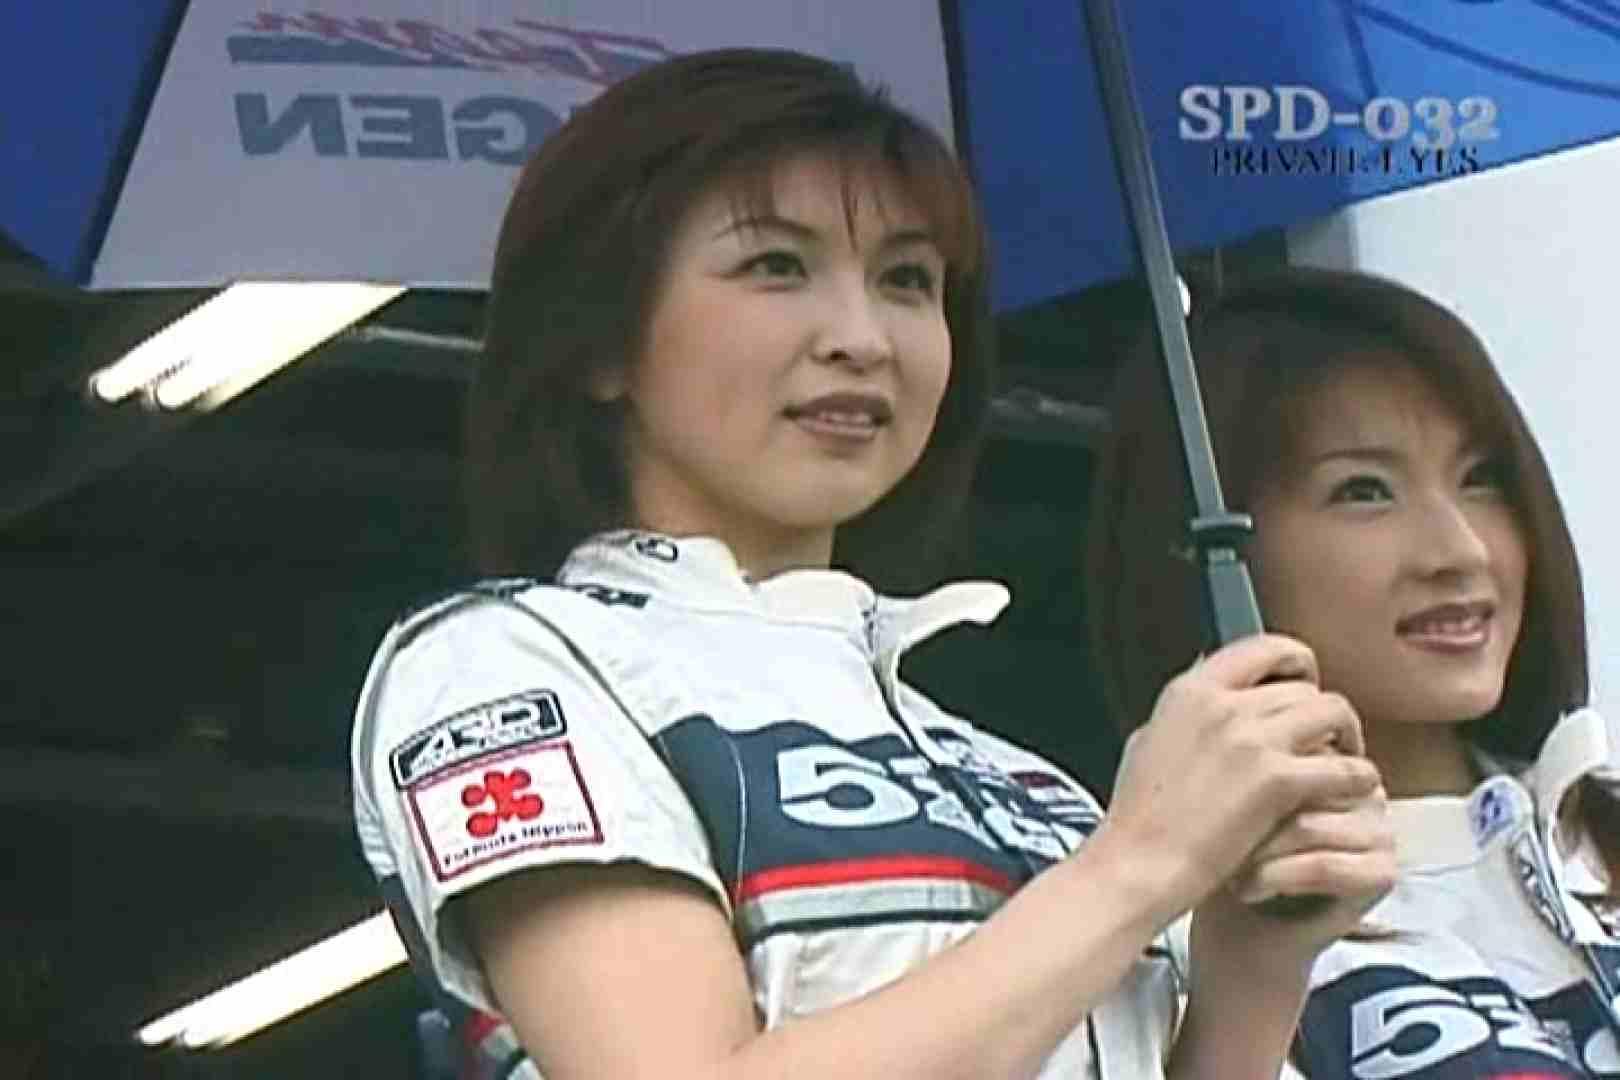 高画質版!SPD-032 サーキットの女神達 00'日本第2戦 MOTEGI 高画質   プライベート  97pic 6